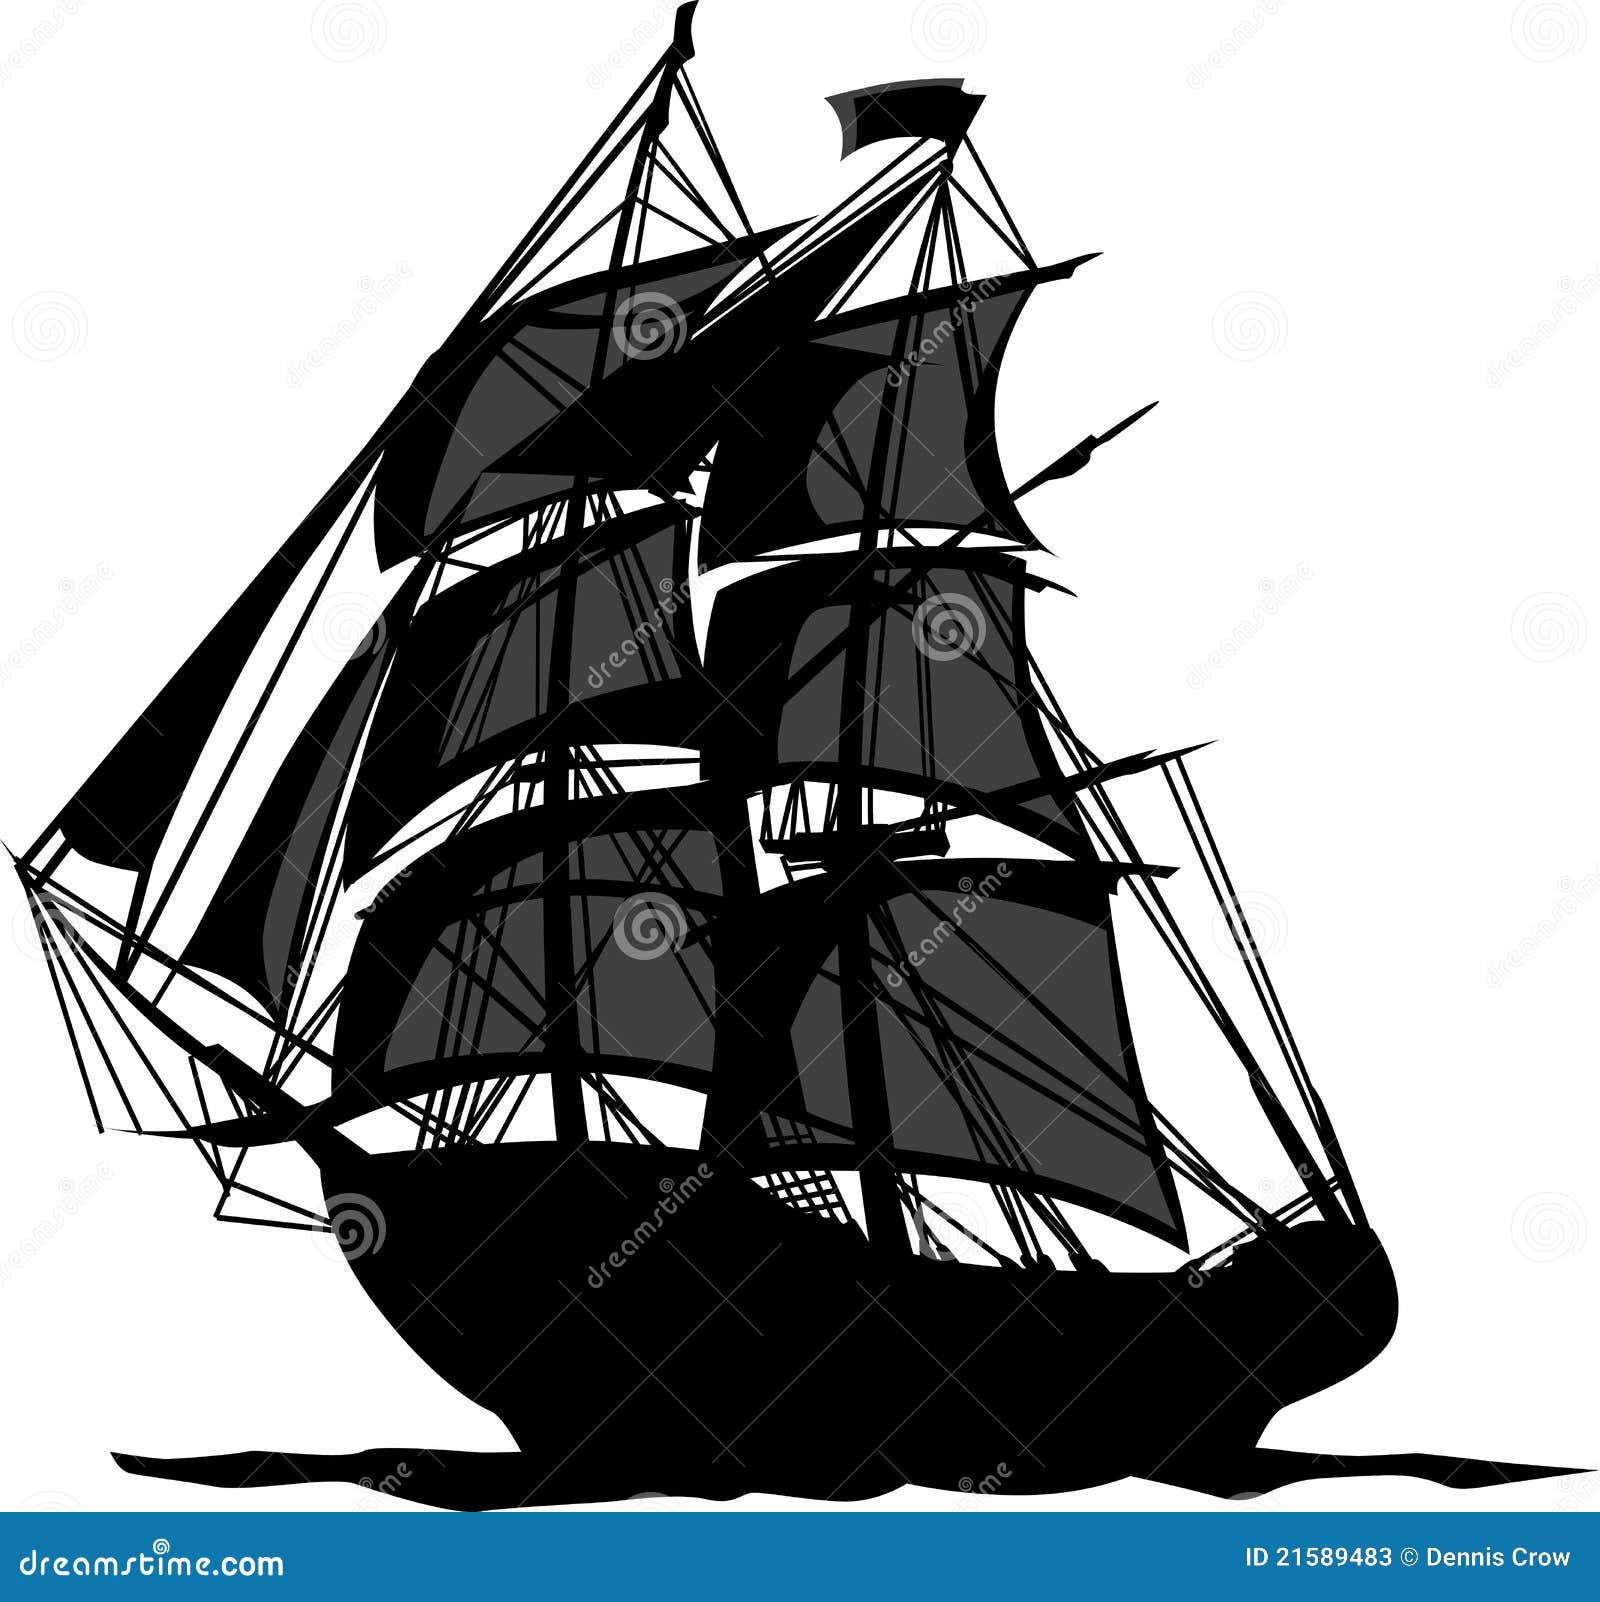 Bateau de pirate avec l 39 illustration de voiles photos - Voile bateau pirate ...